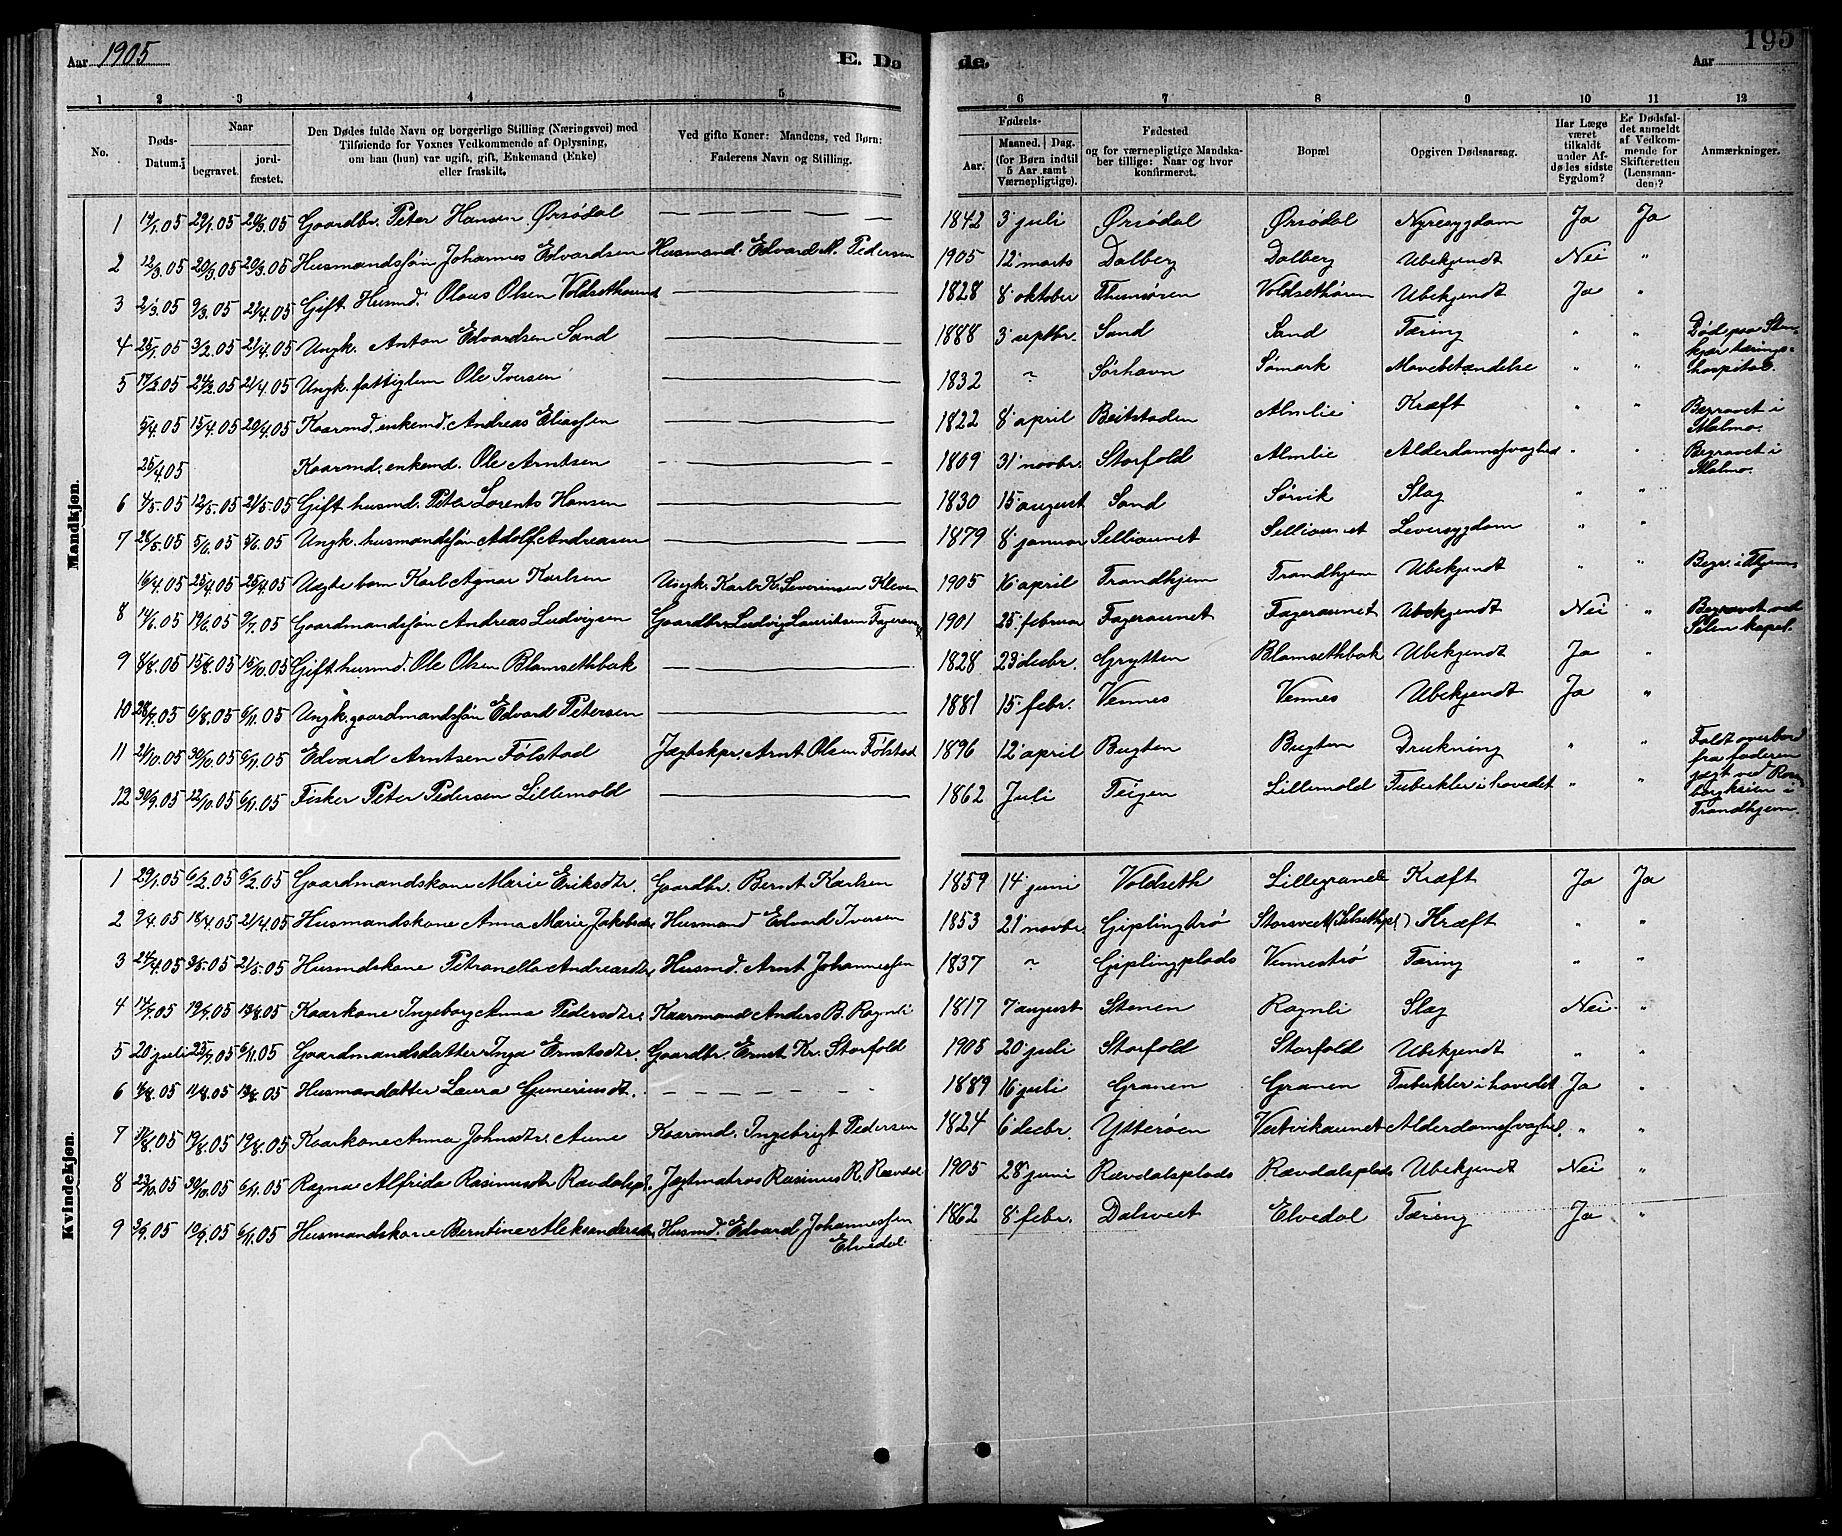 SAT, Ministerialprotokoller, klokkerbøker og fødselsregistre - Nord-Trøndelag, 744/L0423: Klokkerbok nr. 744C02, 1886-1905, s. 195